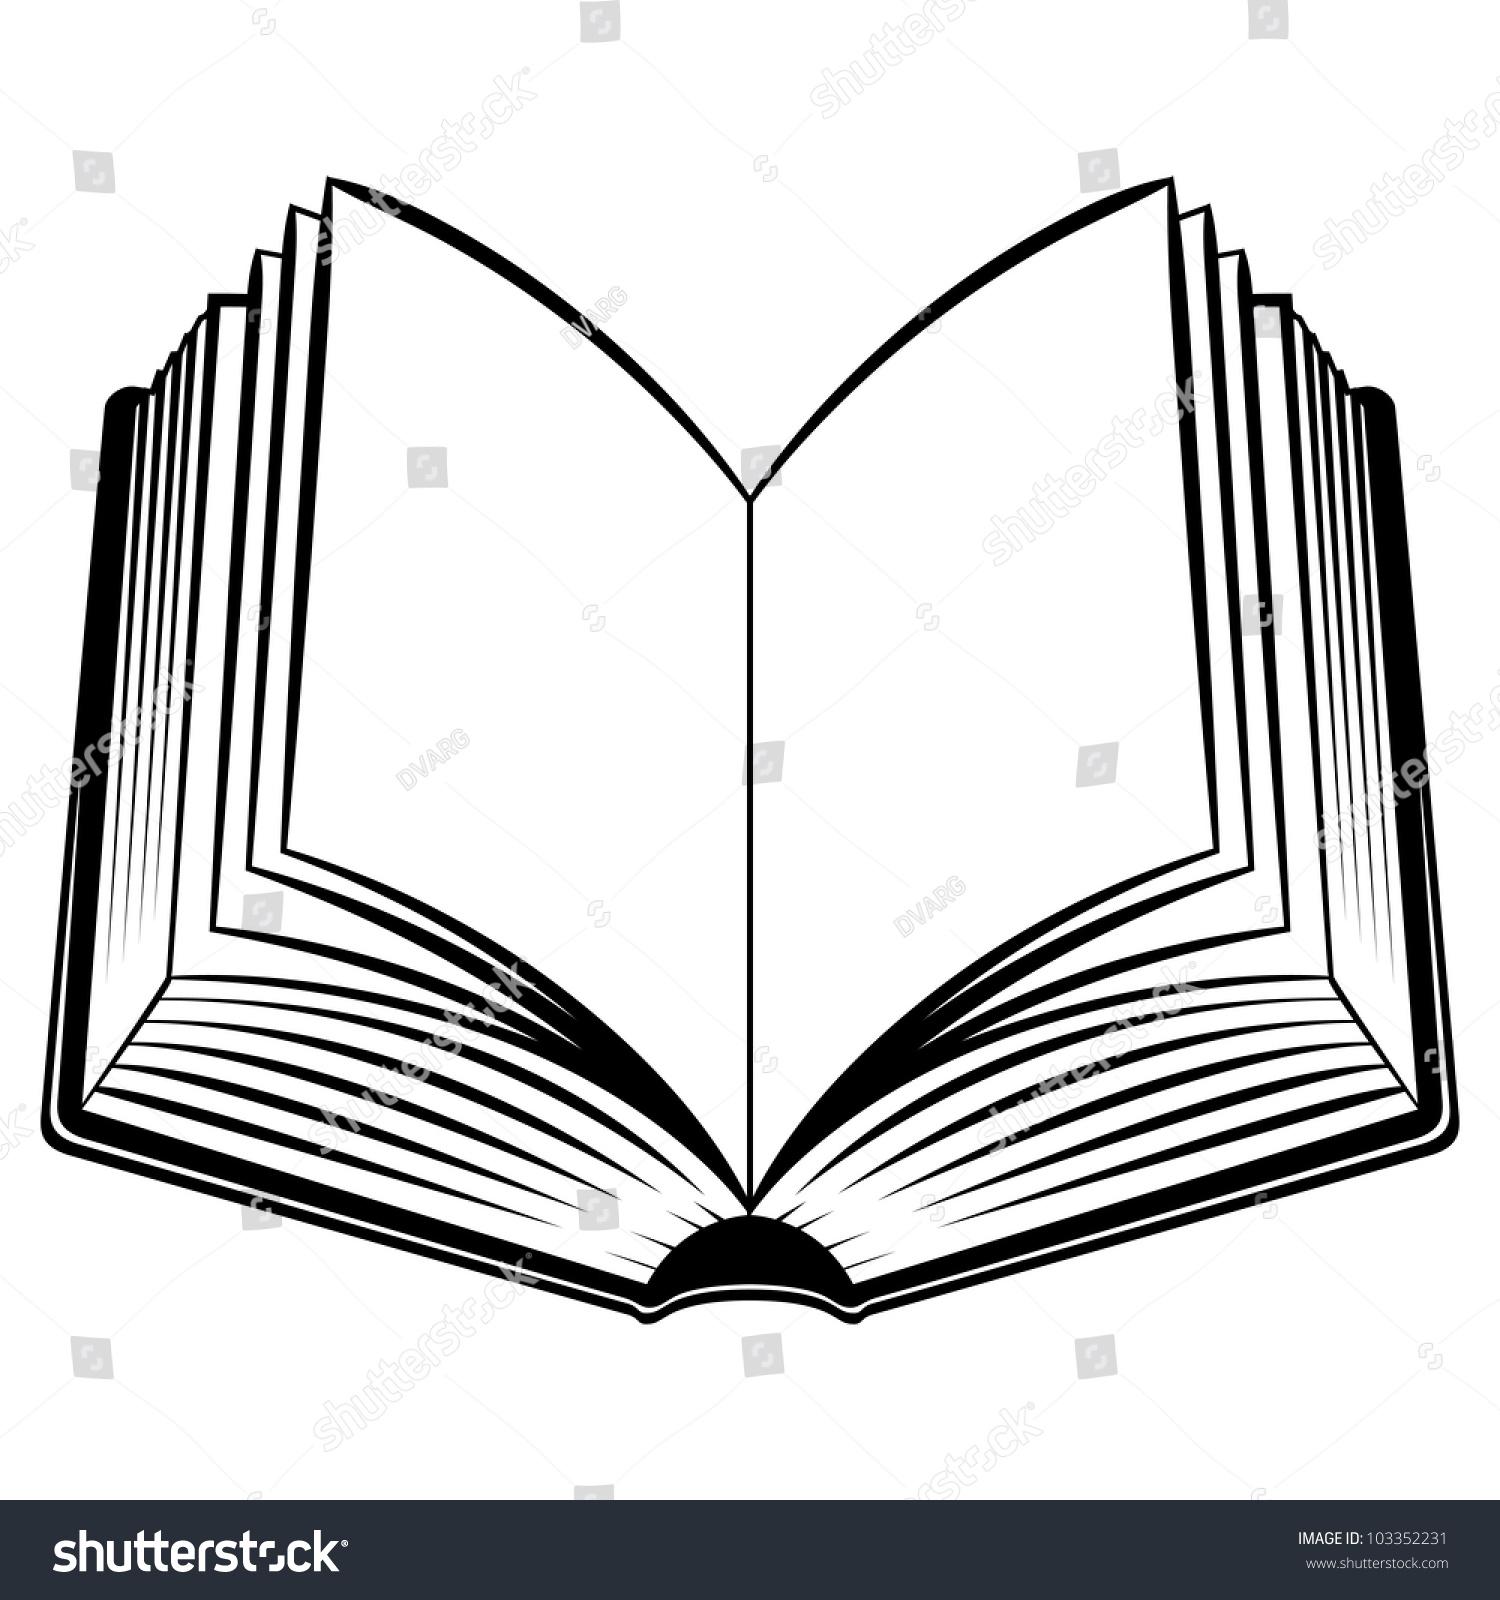 open book black white illustration design stock vector 103352231 rh shutterstock com black and white book clipart free clipart images black and white book